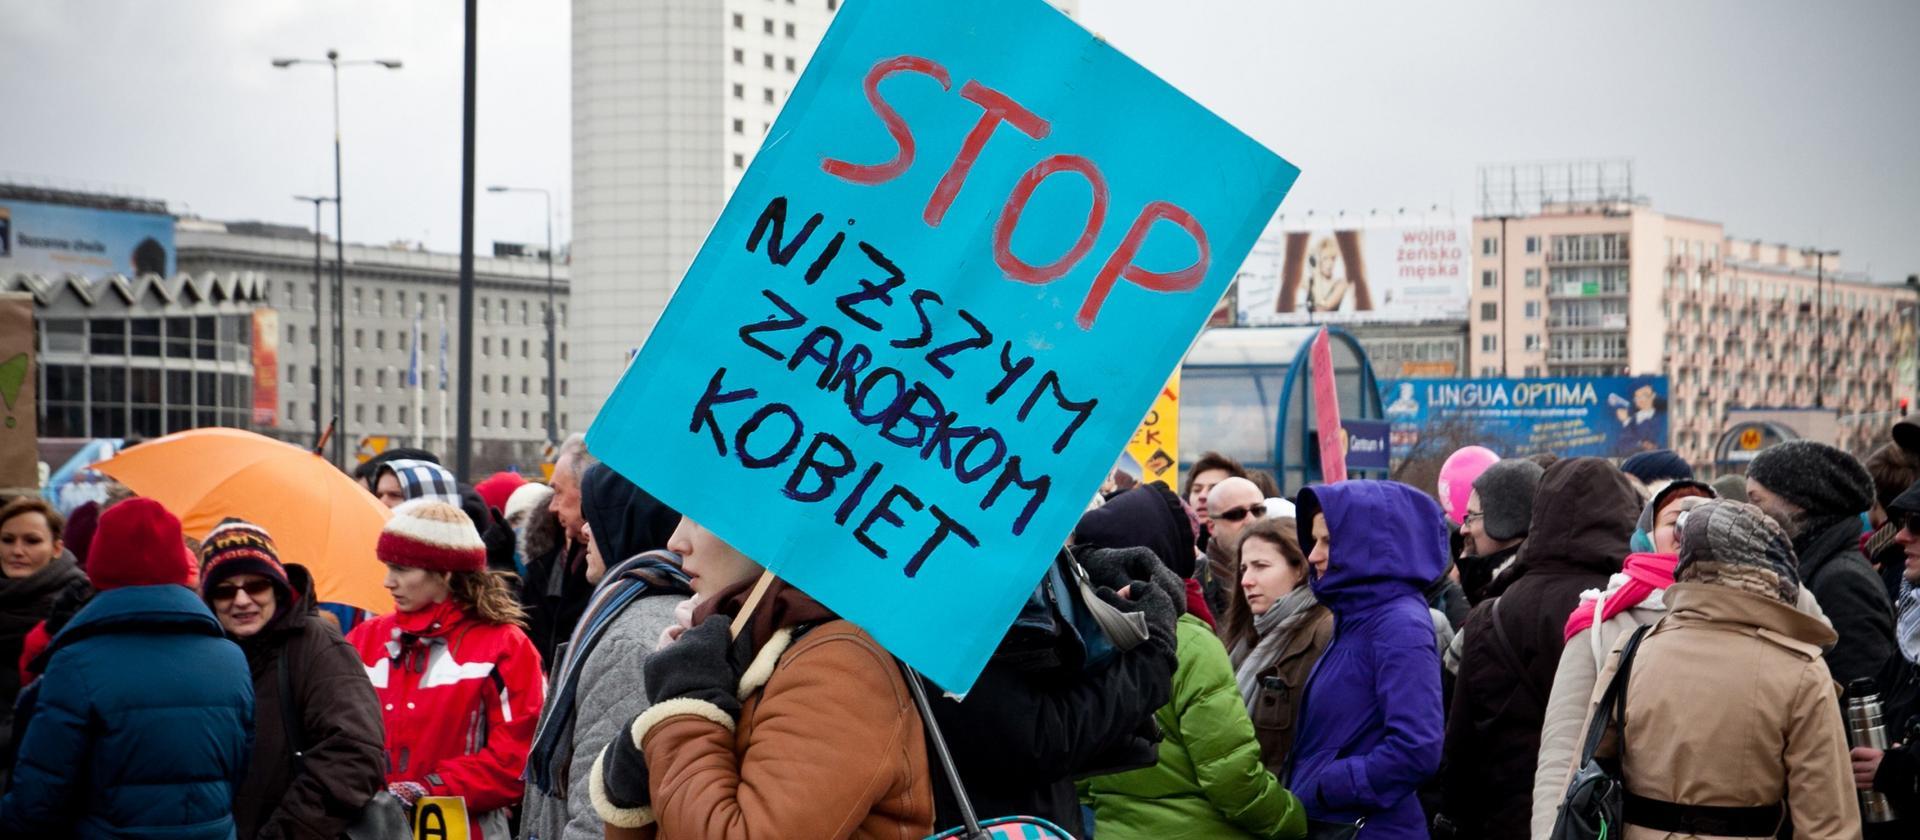 Płaca nie dla wszystkich równa. Luka płacowa w Polsce jest niska, ale jest w tym haczyk